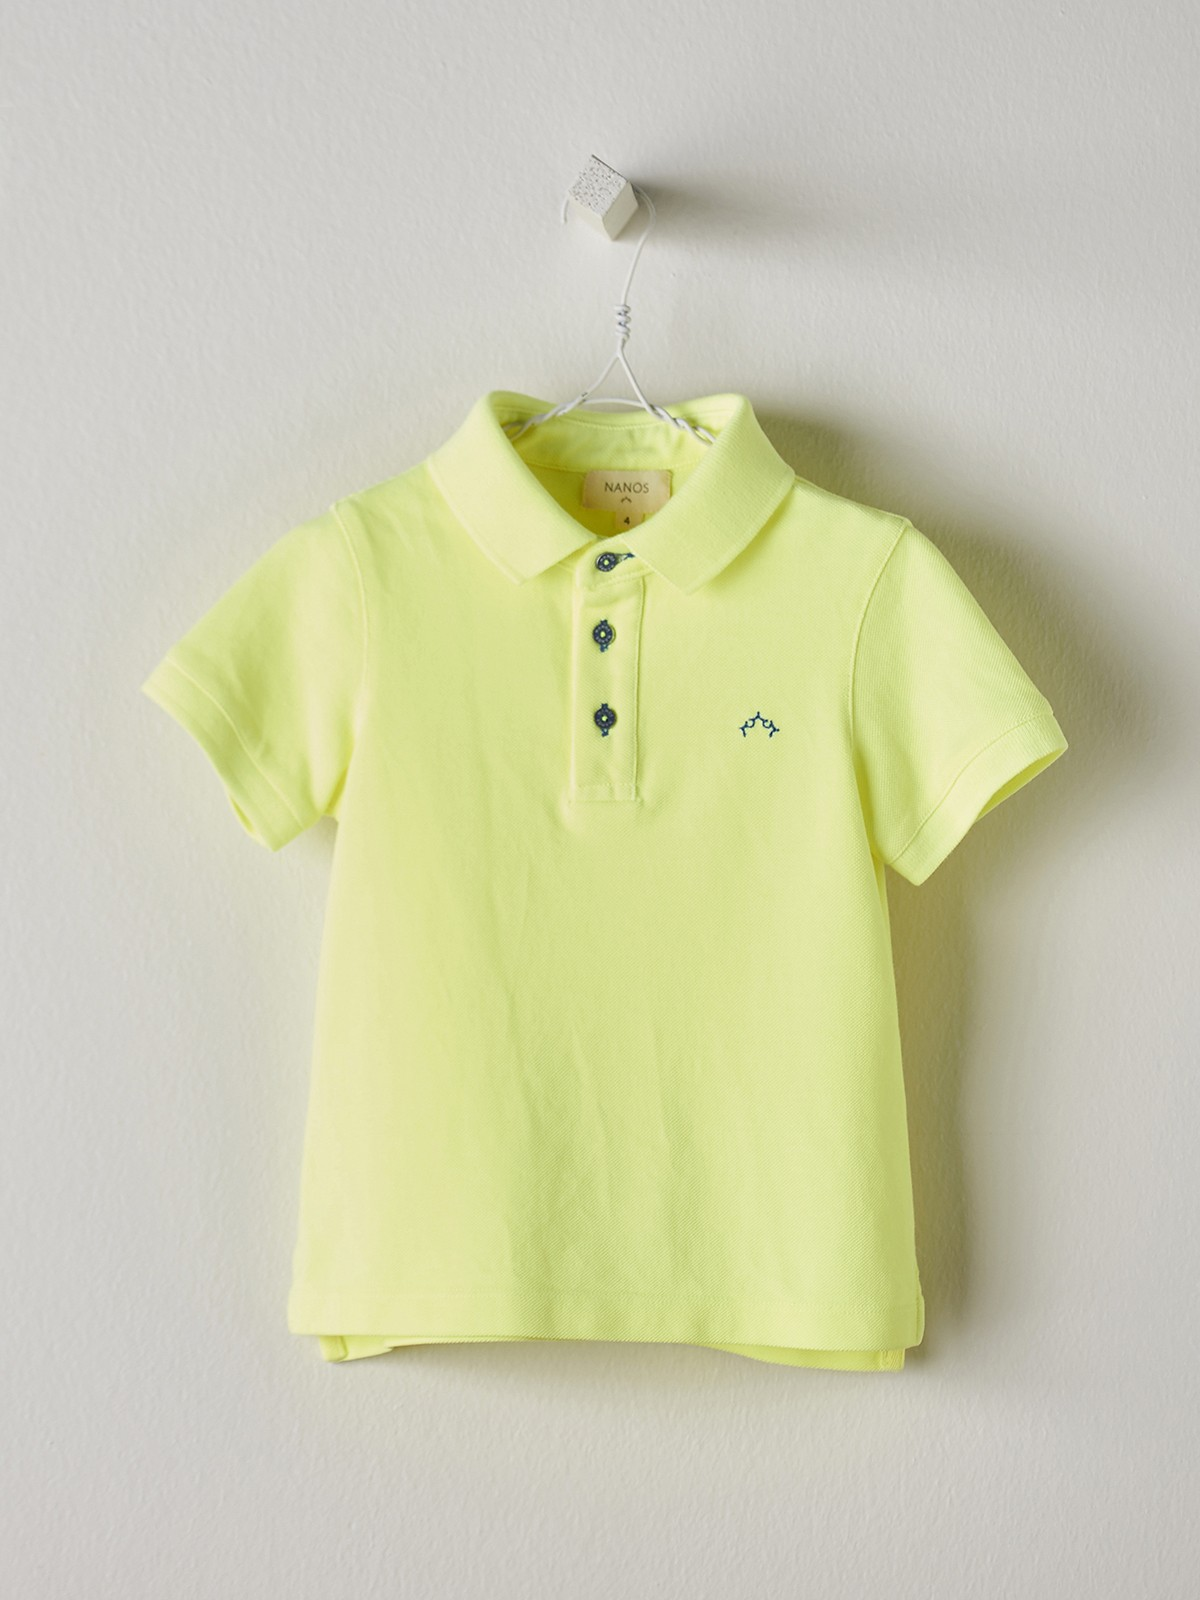 NANOS 黃色POLO衫-BABY